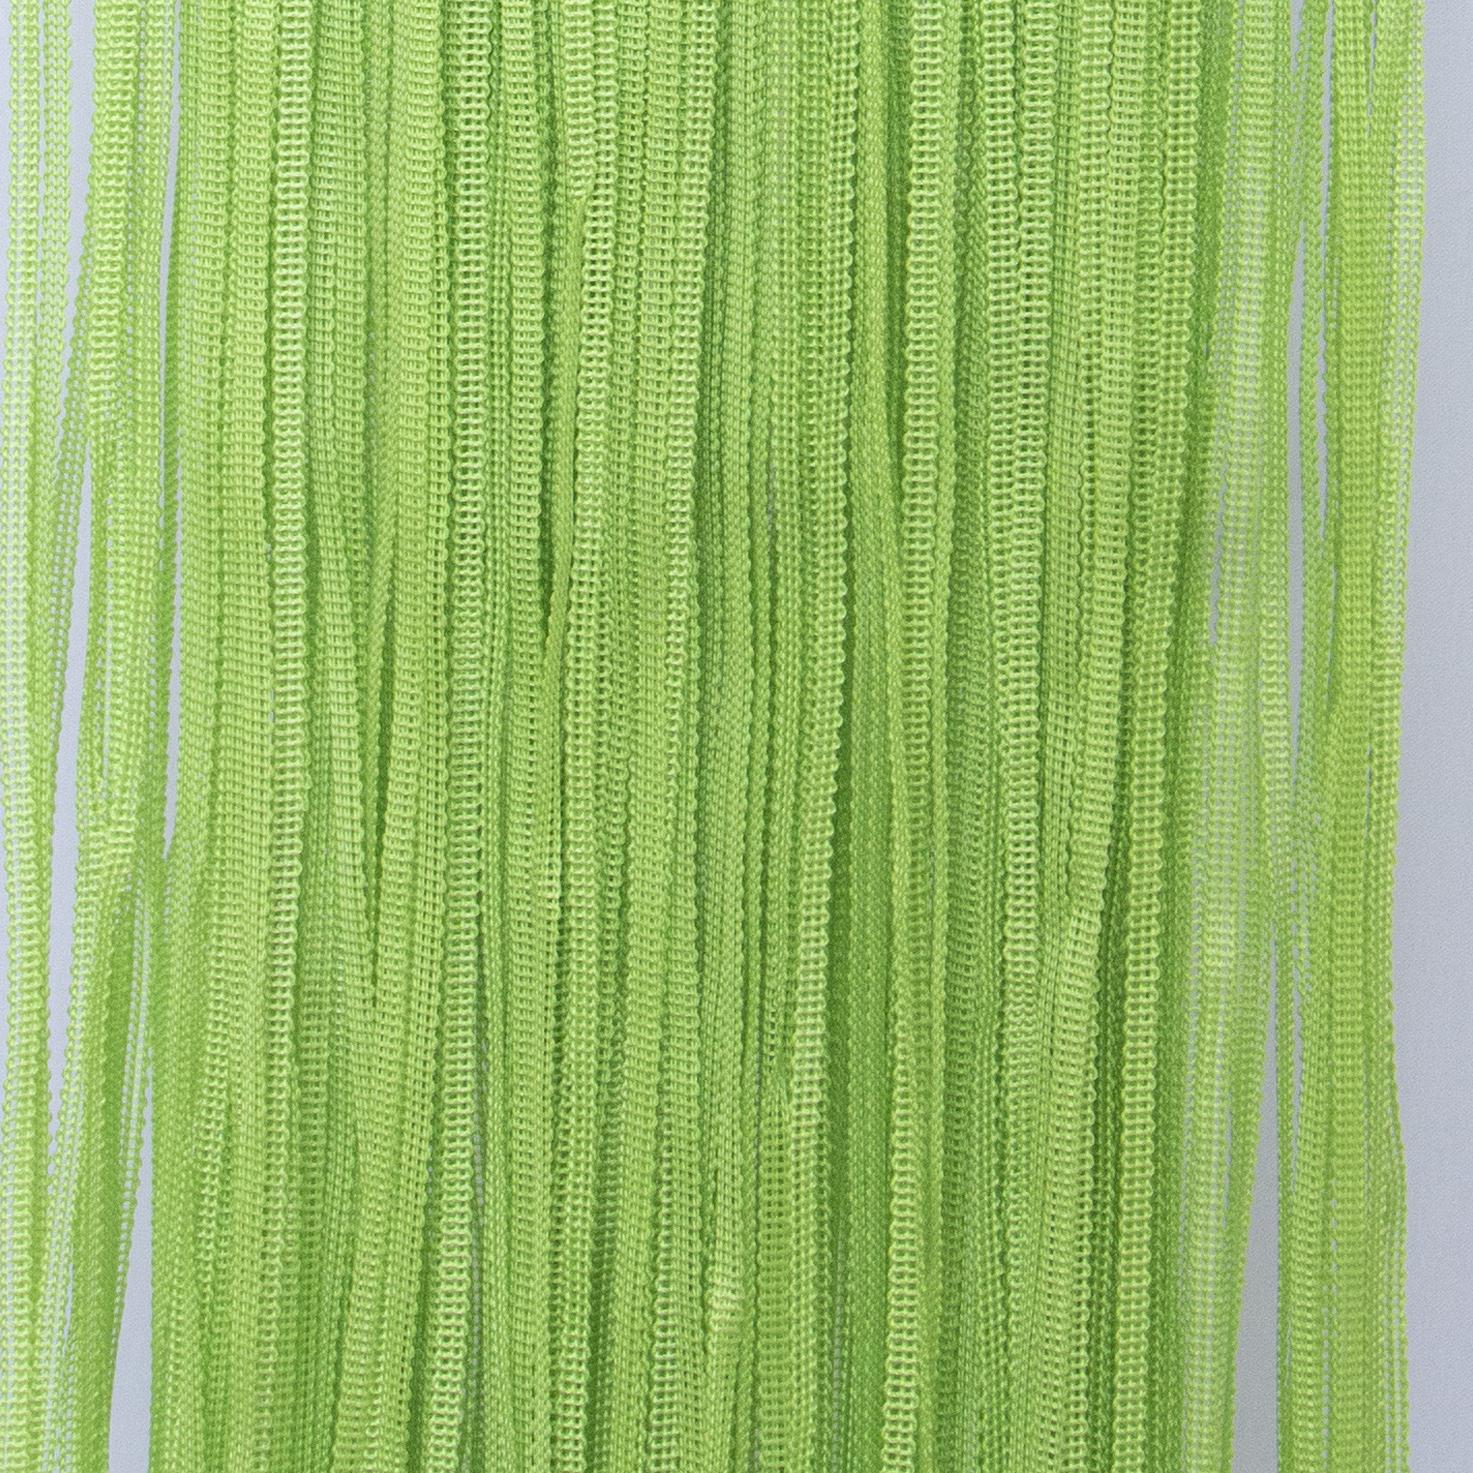 4619 Lime